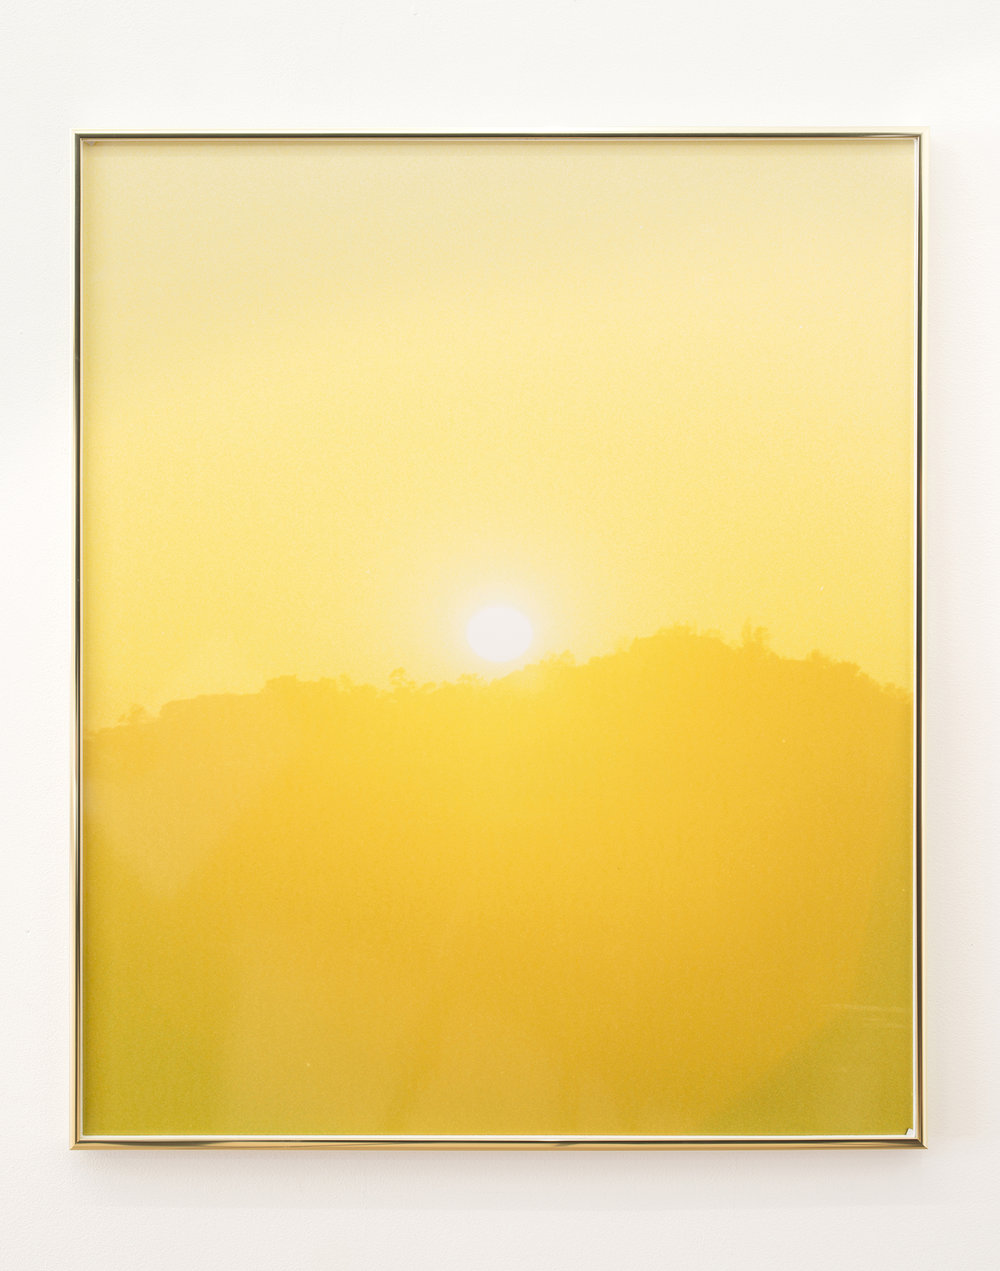 Sébastien Reuzé,  SOLEIL DSC_4424 (2017) ,RC print - Papier Fuji Cristal Archive, 51 x 61 cm with frame